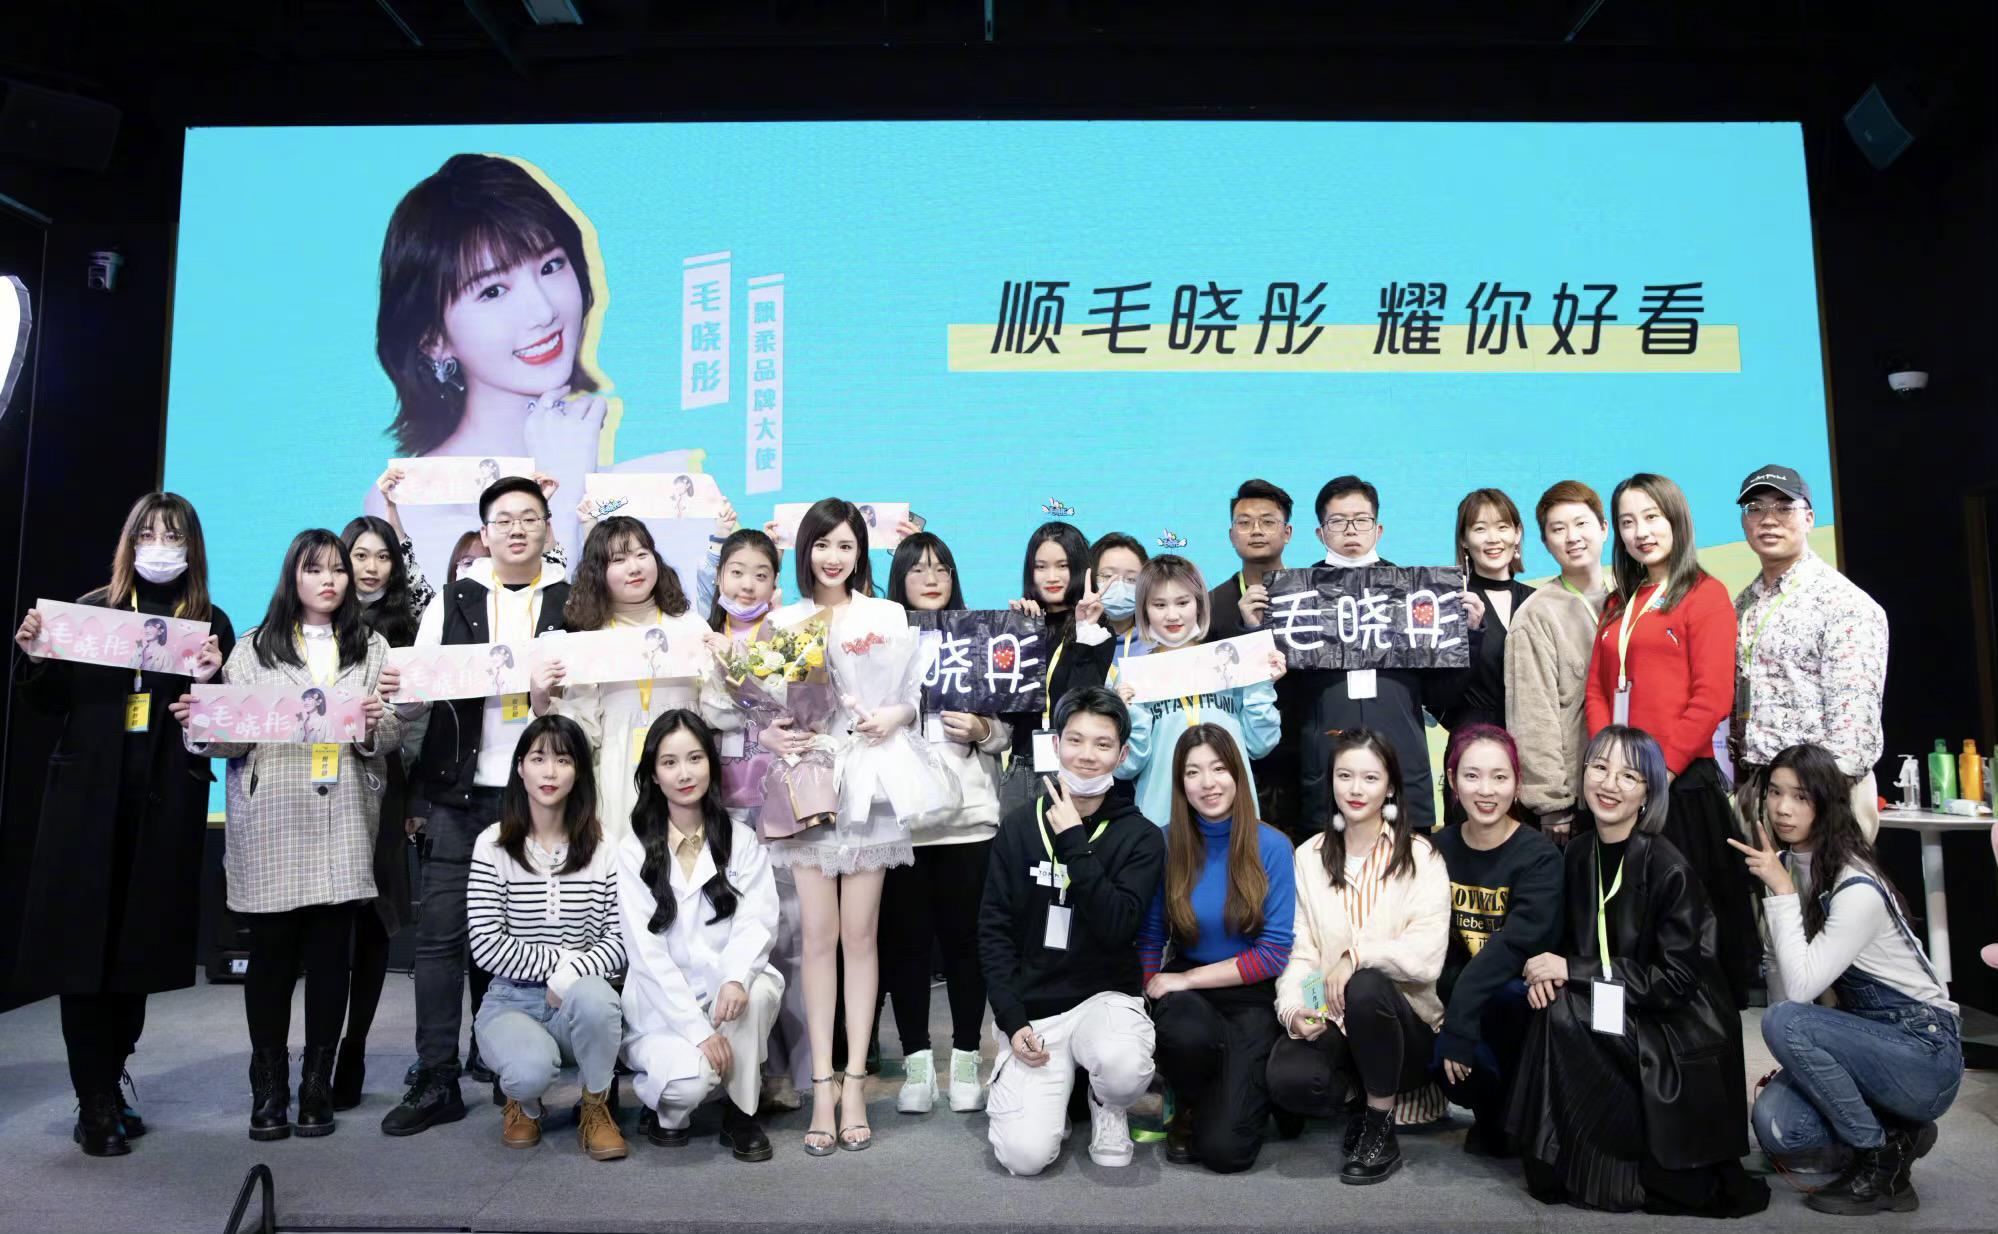 毛晓彤参加粉丝聚会,白色套装清爽宜人,10厘米银色高跟鞋抢眼